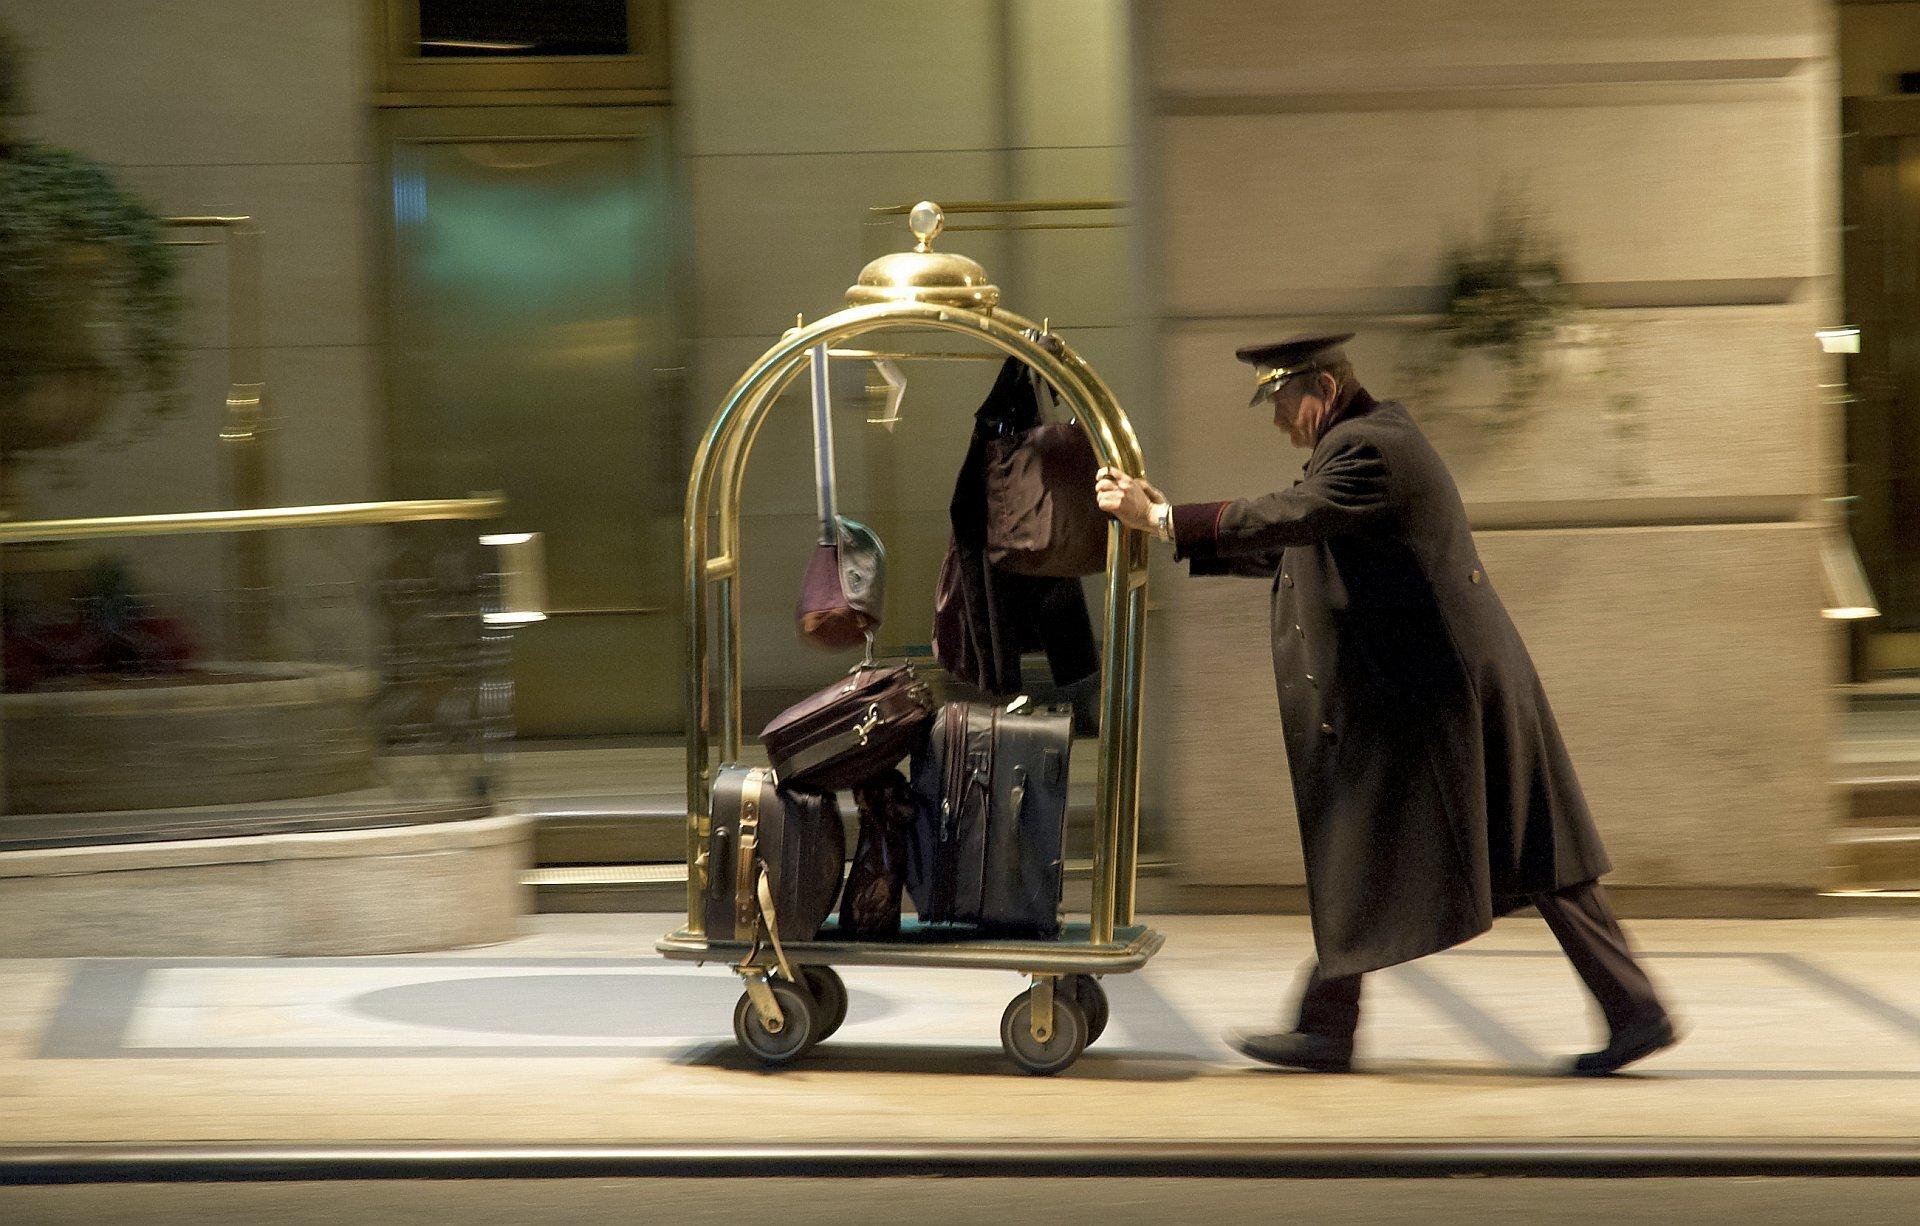 Zdjęcie przedstawia mężczyznę wśrednim wieku ubranego wczarny płaszcz oraz czapkę typową dla pracownika luksusowego hotelu. Mężczyzna idzie chodnikiem pchając przed sobą pozłacany wózek bagażowy wypełniony torbami iwalizkami. Scena uchwycona wruchu, tło za bagażowym rozmyte, akcentuje szybkie tempo przemieszczania się człowieka zwózkiem.